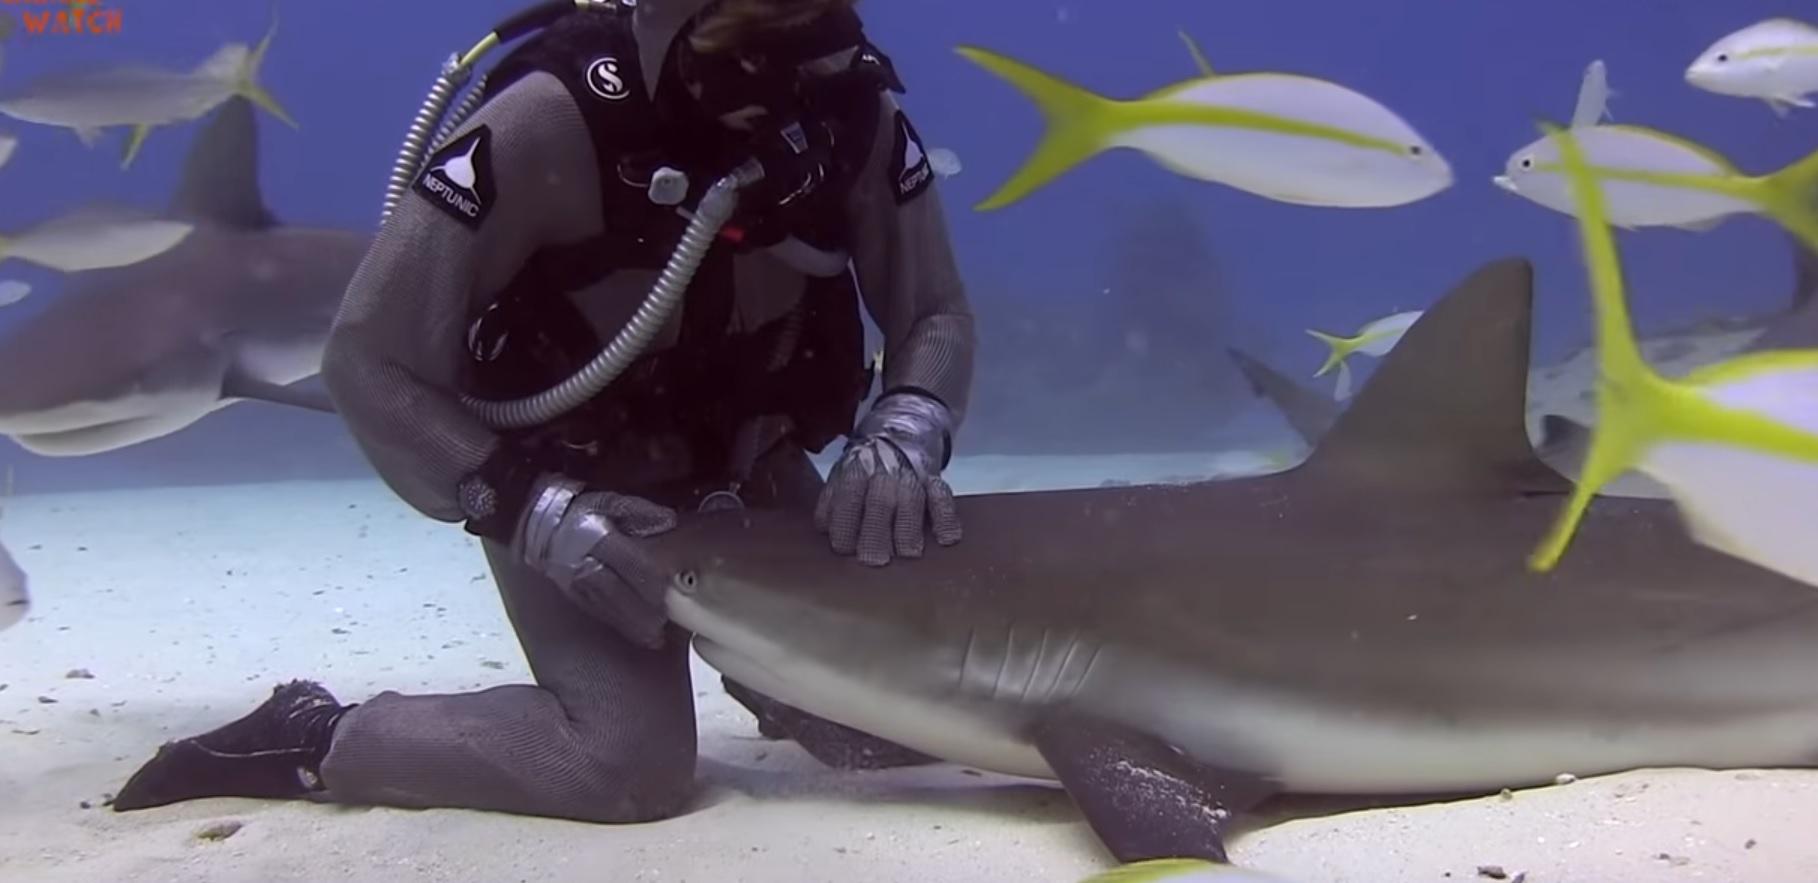 Sharks - Killers or Misunderstood